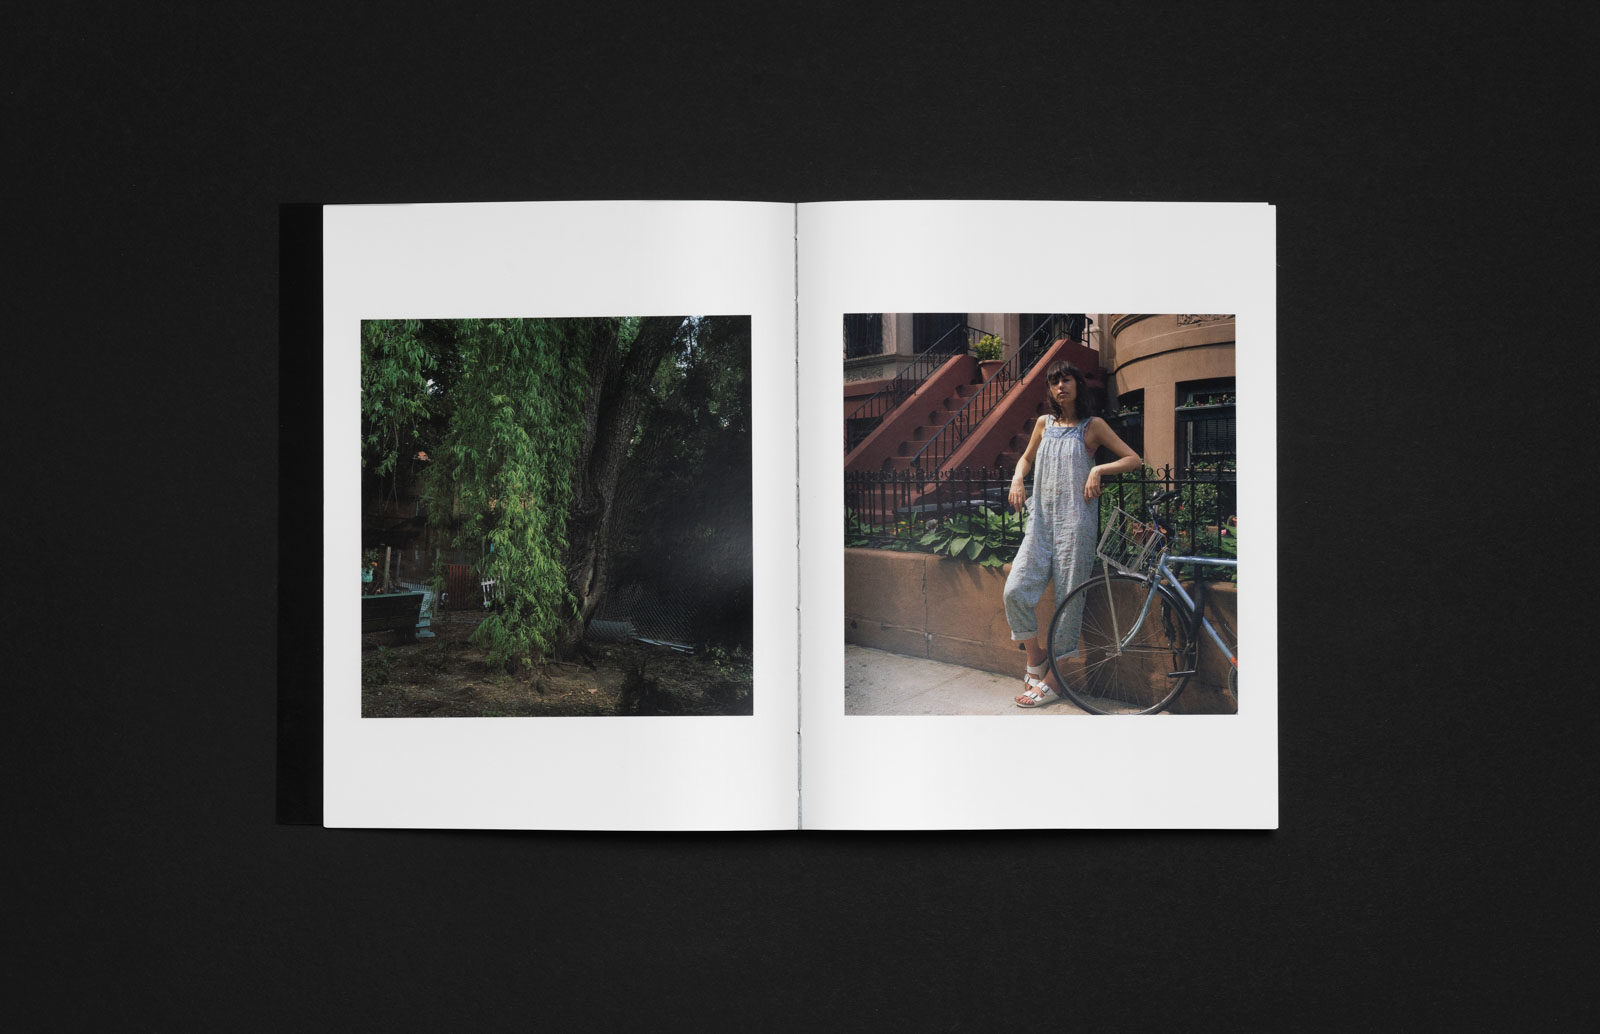 Editienne Grafikdesign - Kommunikationsdesign Berlin- Buchgestaltung und Coverdesign Fotobuch Out of Place 9